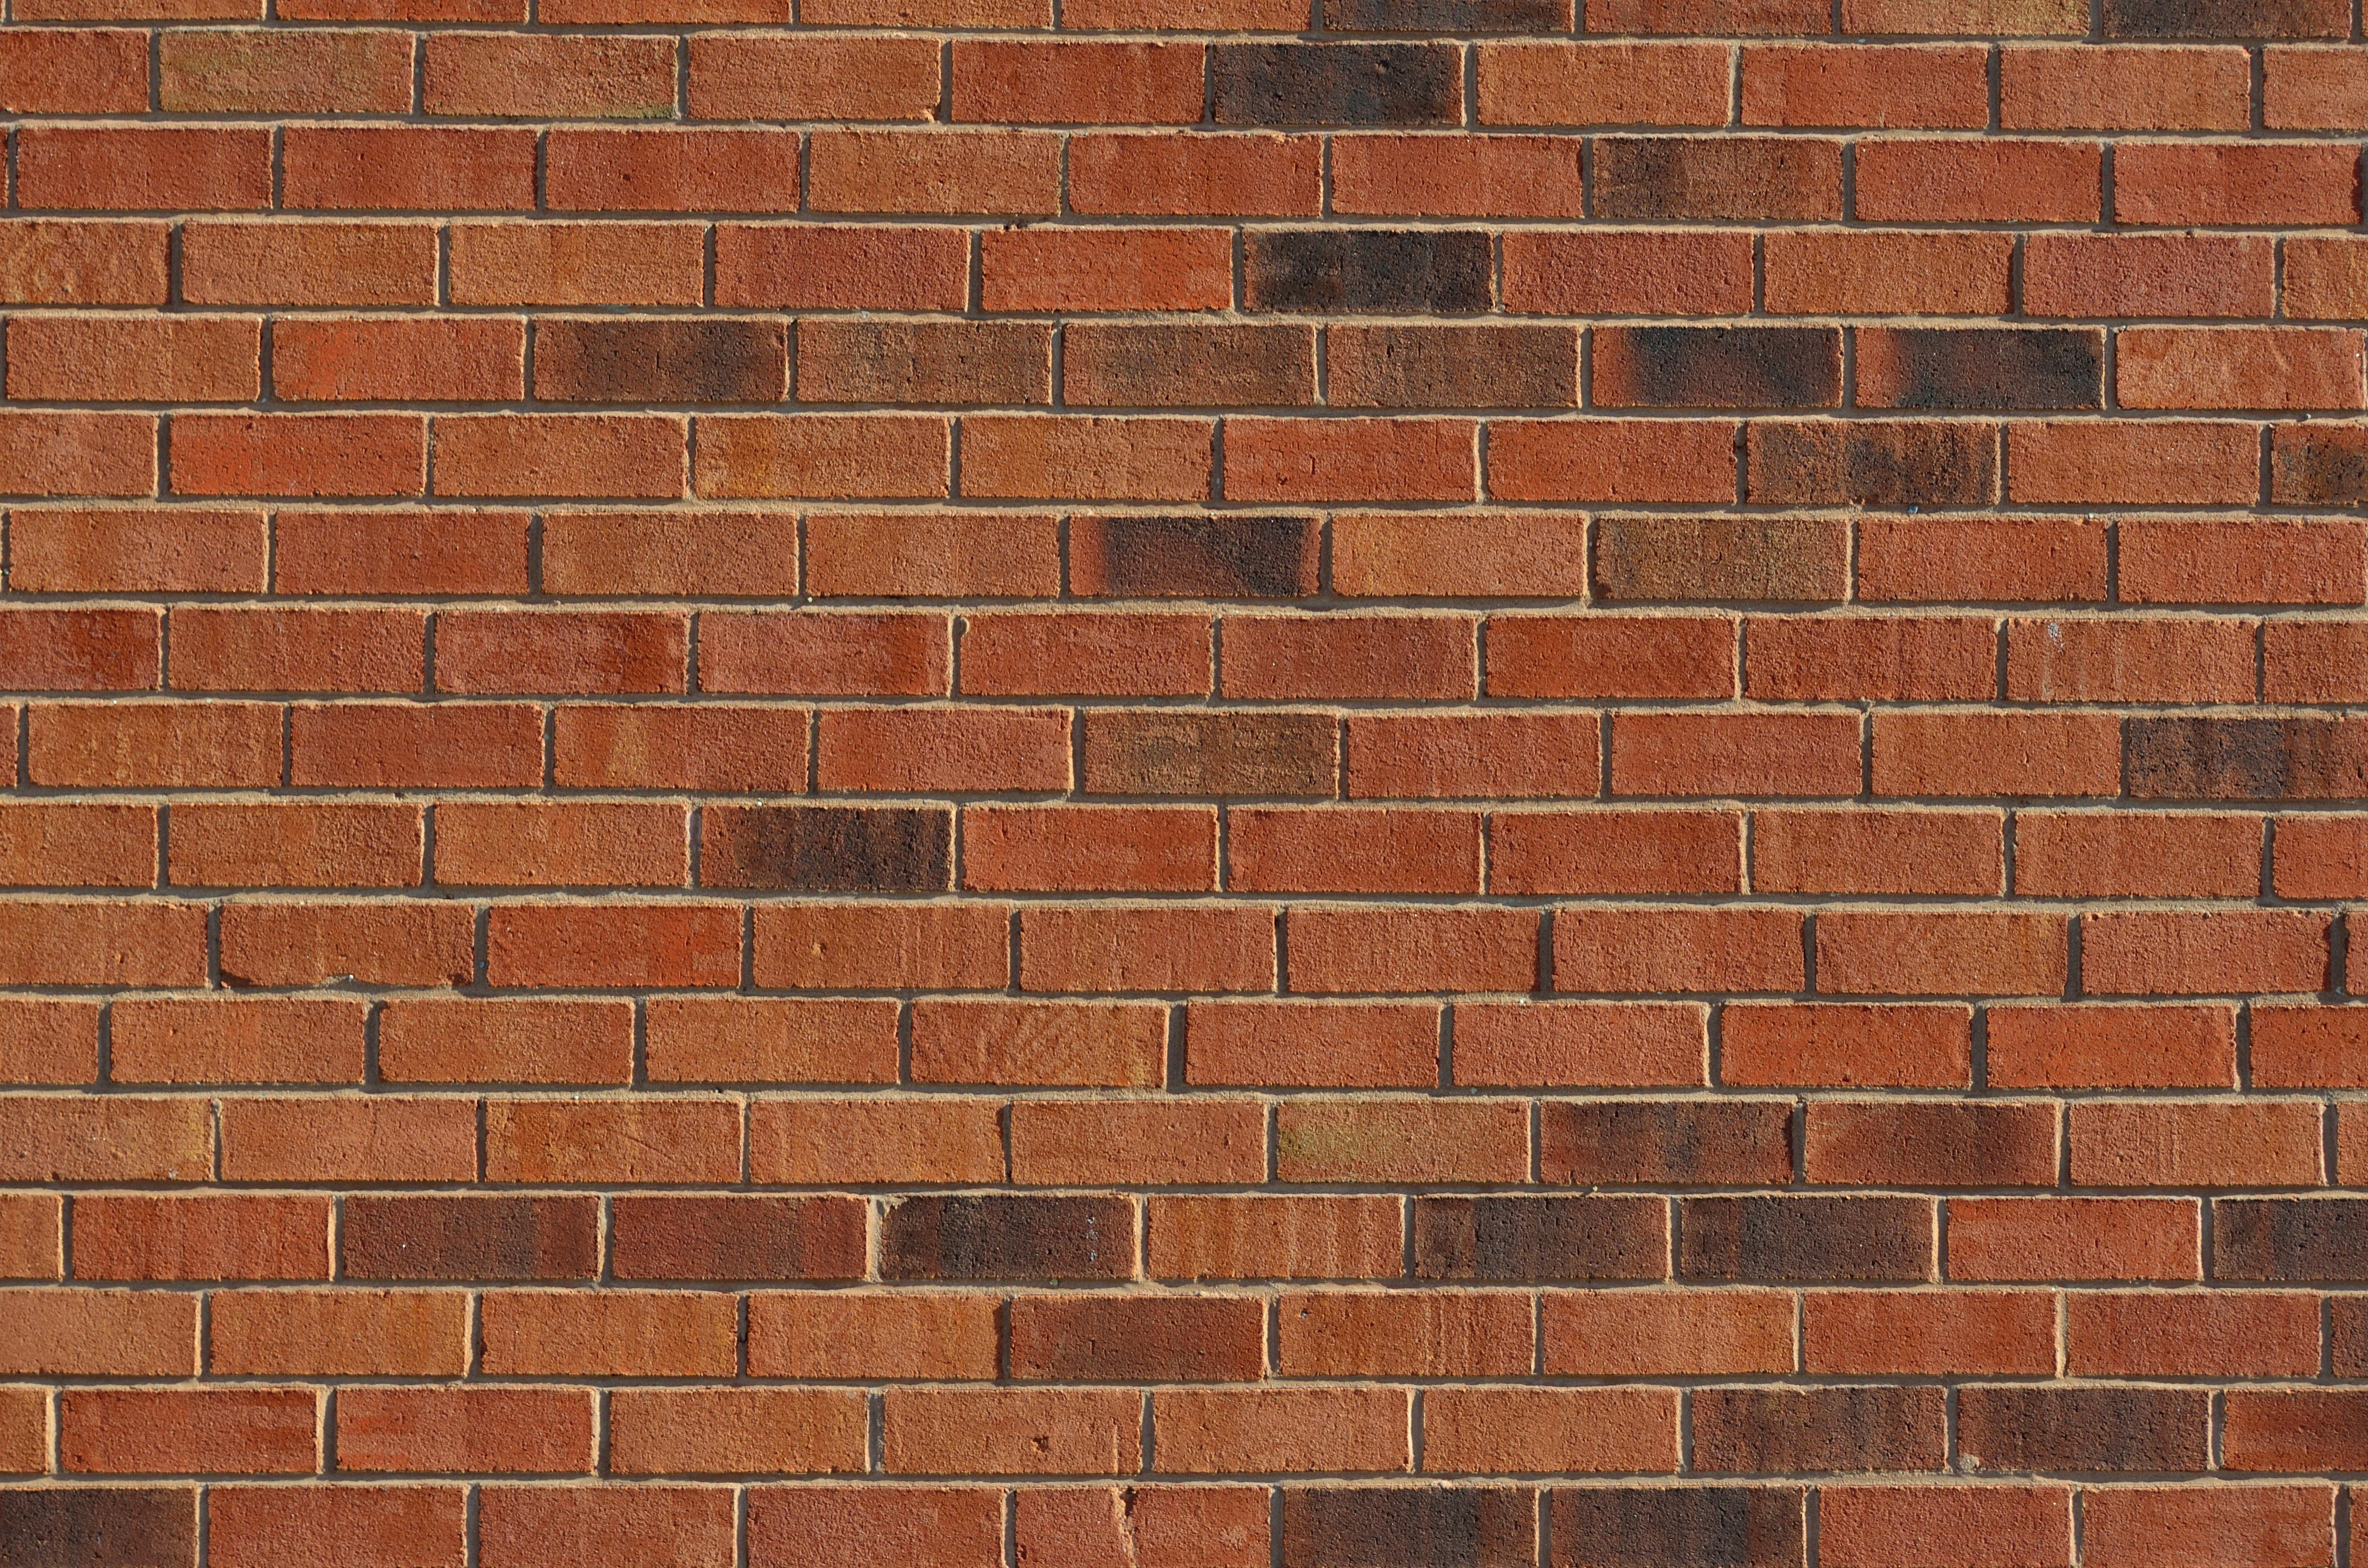 Fotos gratis casa textura piso piedra patr n - Ladrillos para pared ...